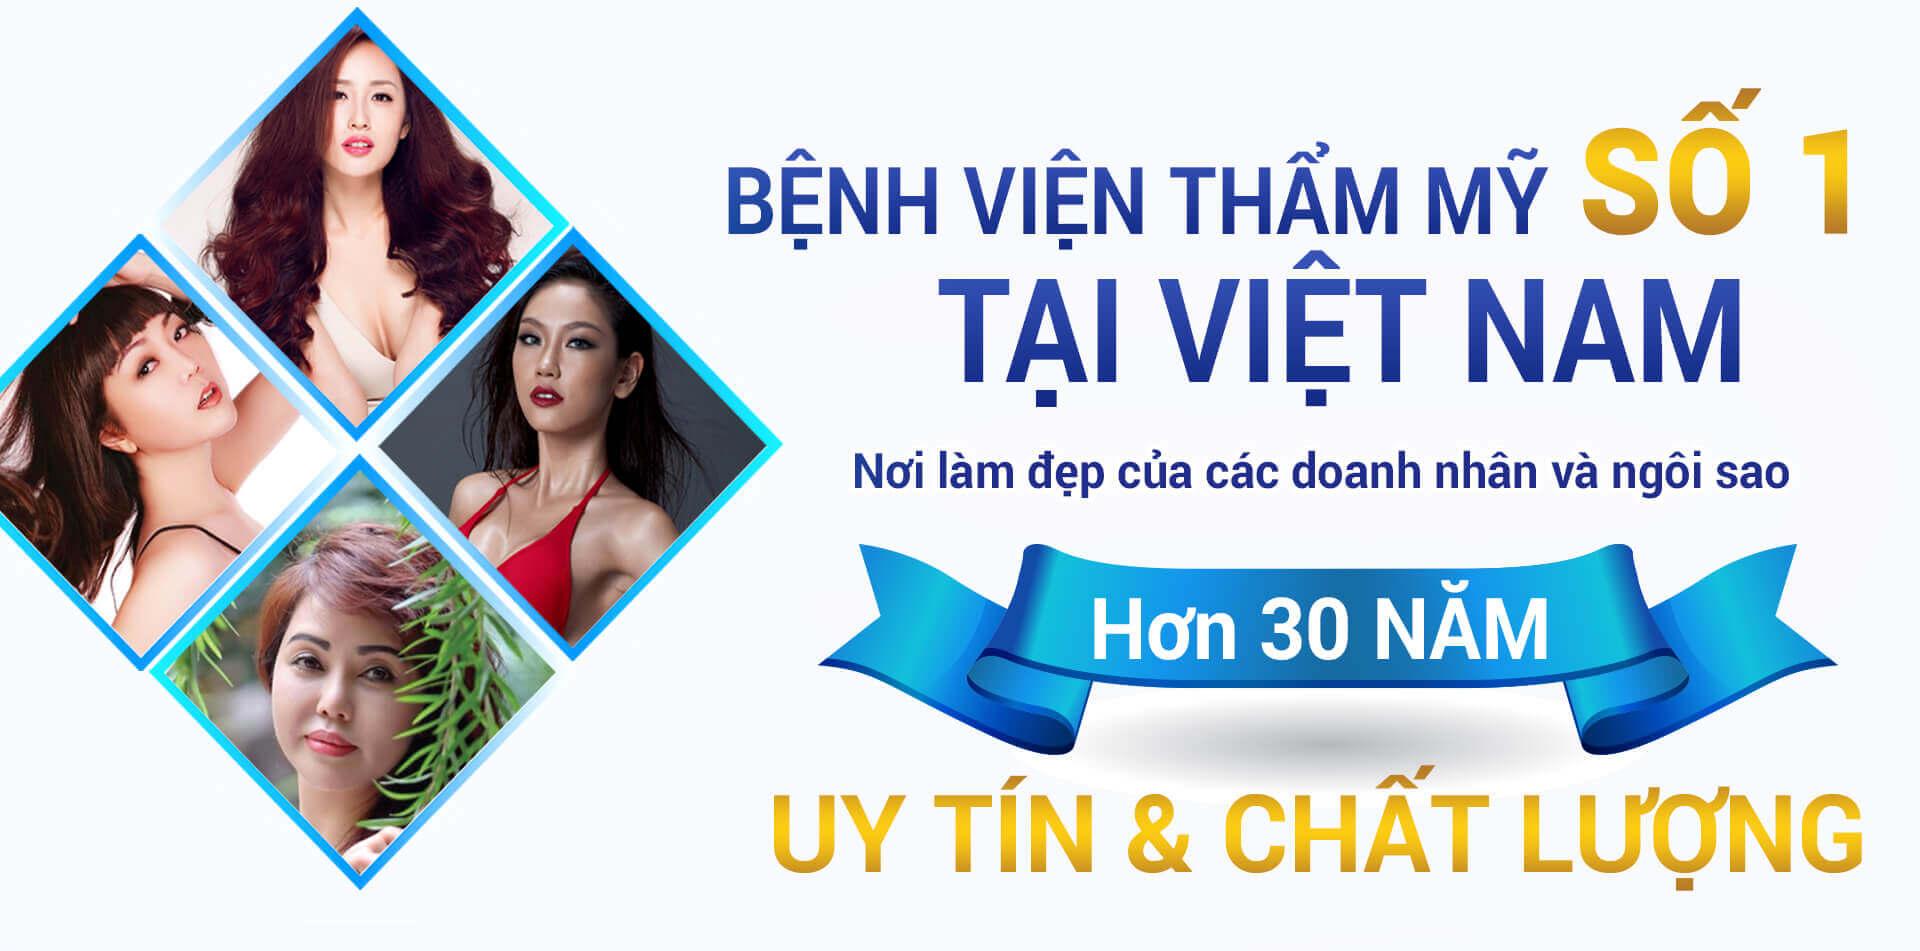 khai truong a au can tho 2